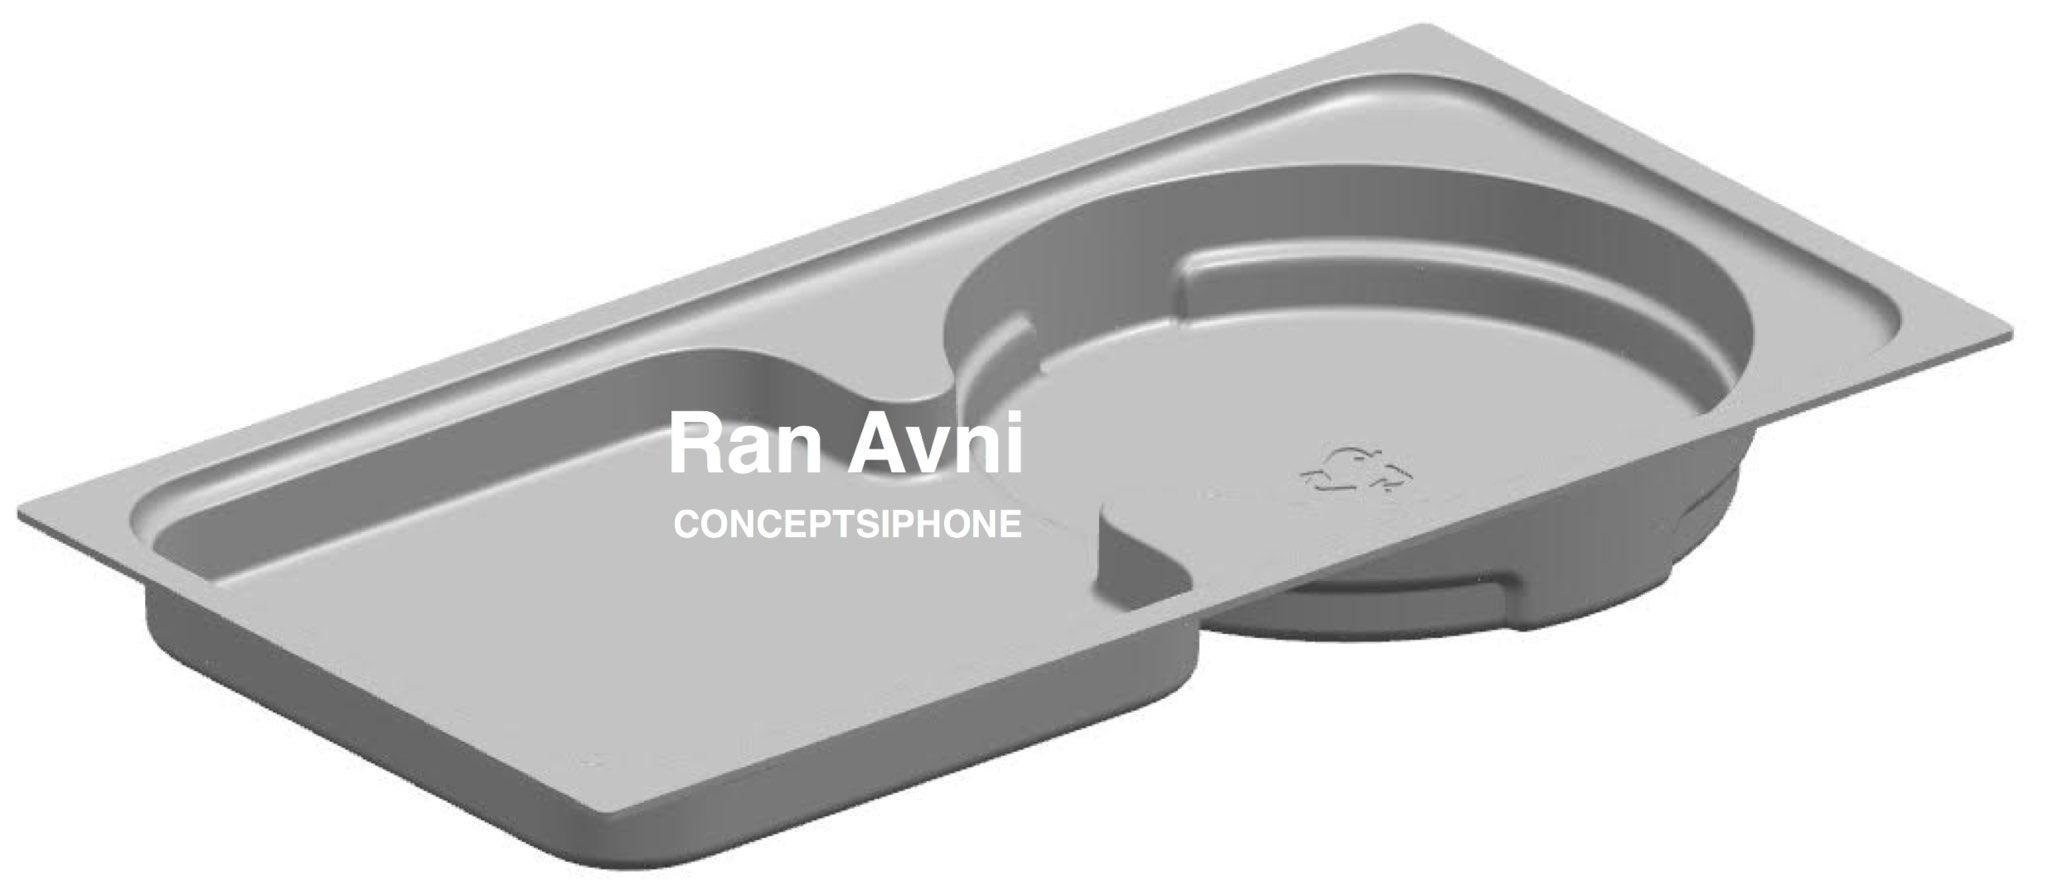 Prawdopodobny wygląd pudełka od iPhone'a 12